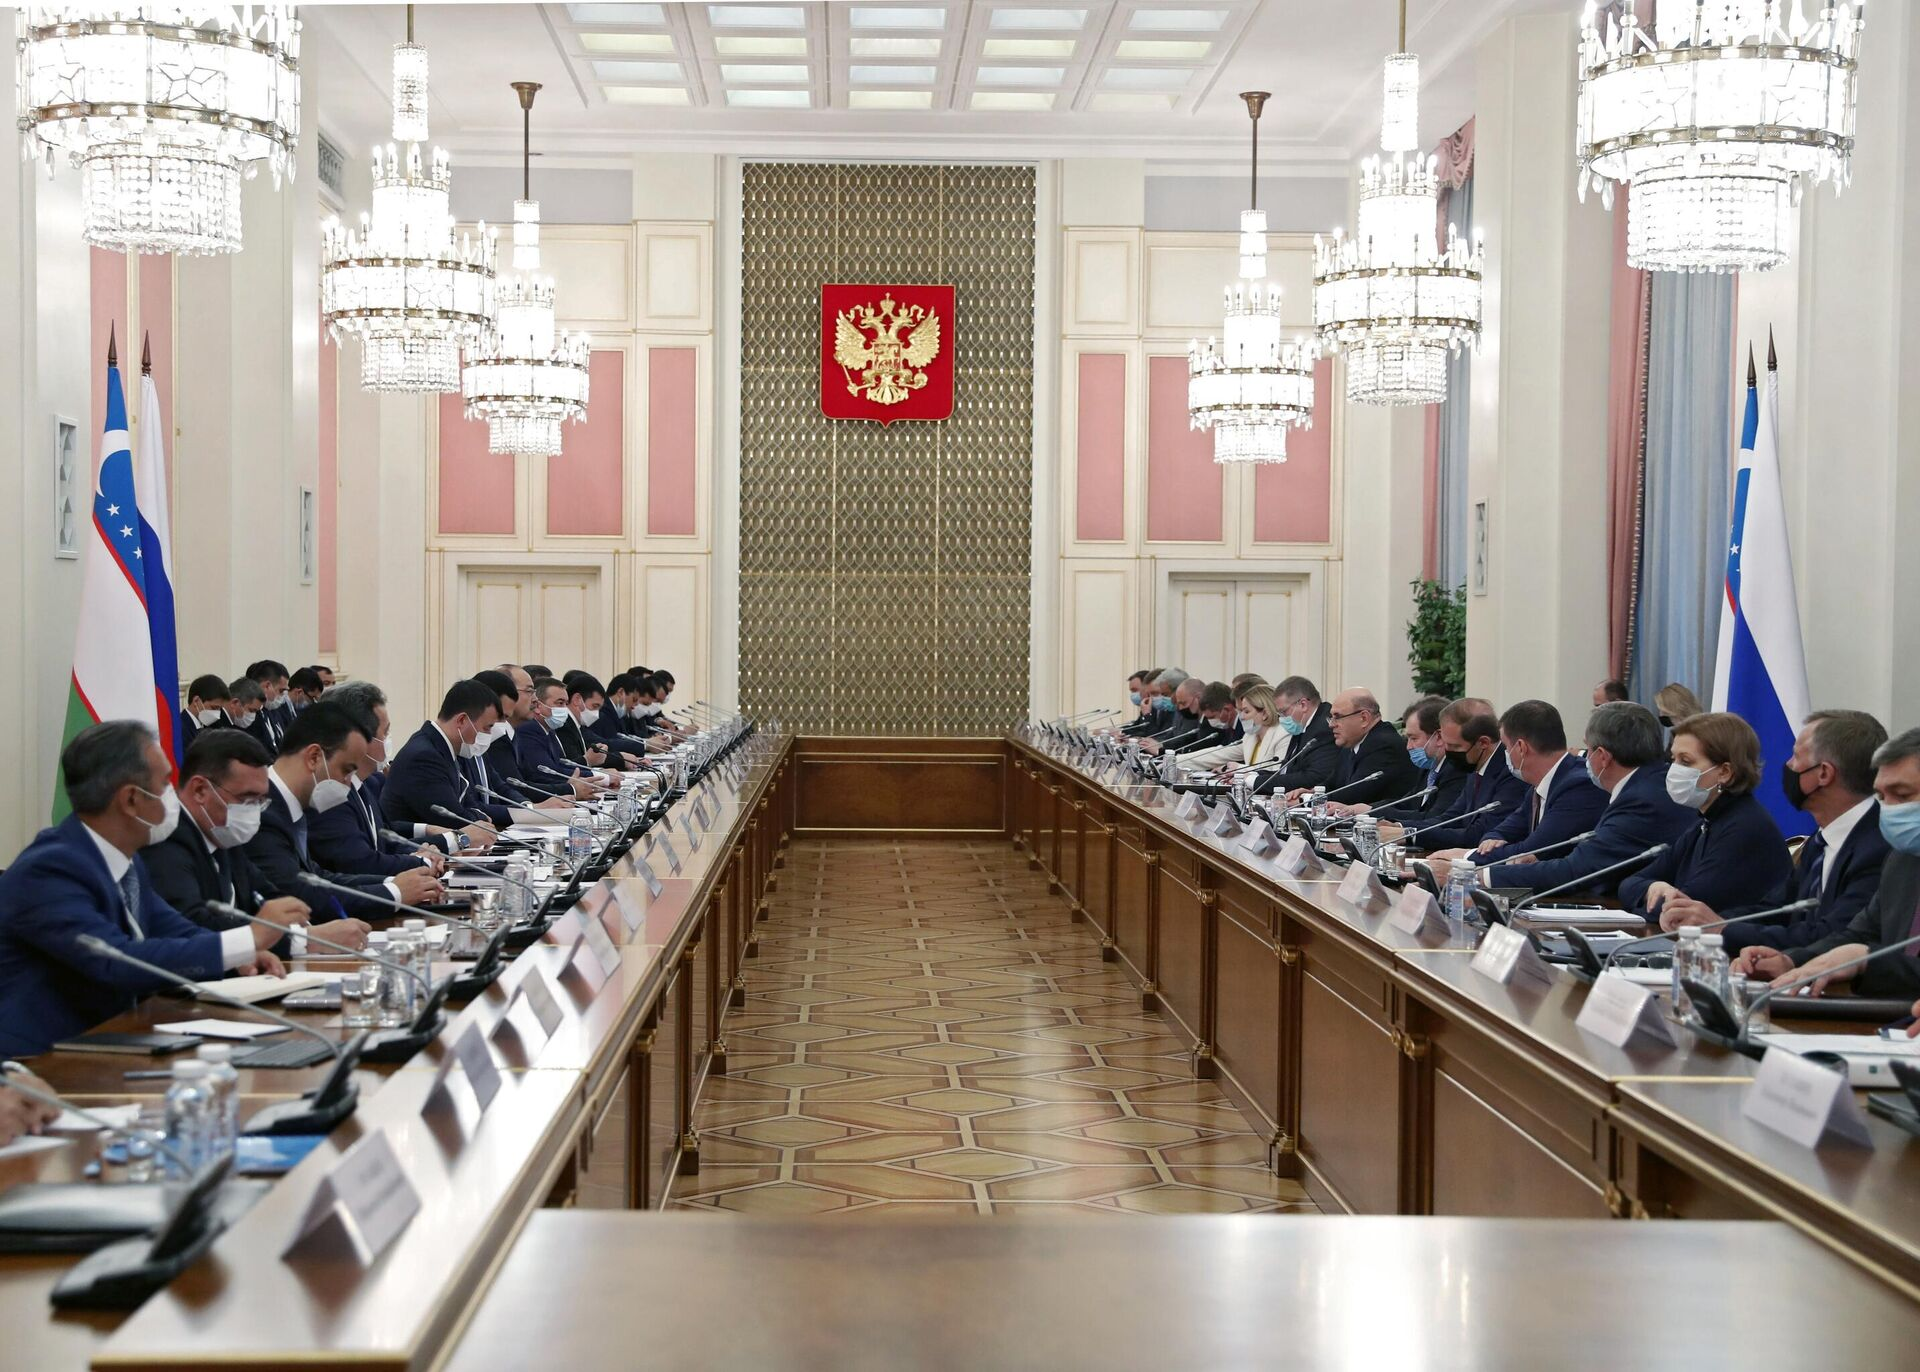 Заседание Совместной комиссии на уровне глав правительств России и Узбекистана - Sputnik Узбекистан, 1920, 22.06.2021